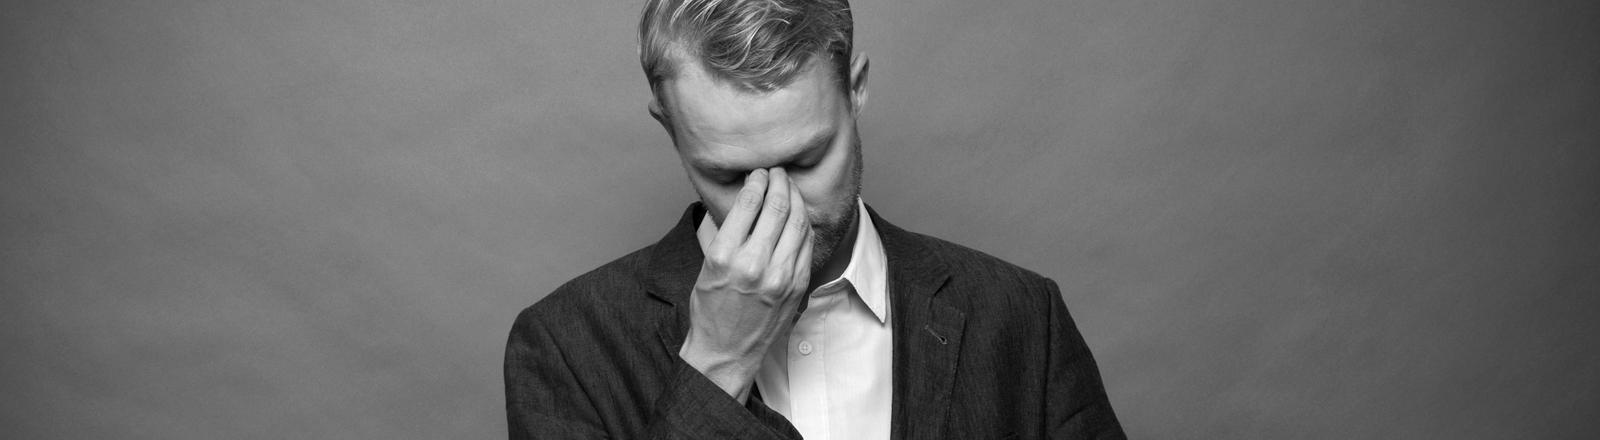 Schwarz-Weiß-Foto, ein Mann in Hemd und Jacket blickt nach unten, seine rechte Hand liegt auf seiner Nasenwurzel, nur Kopf und Oberkörper sind zu sehen.